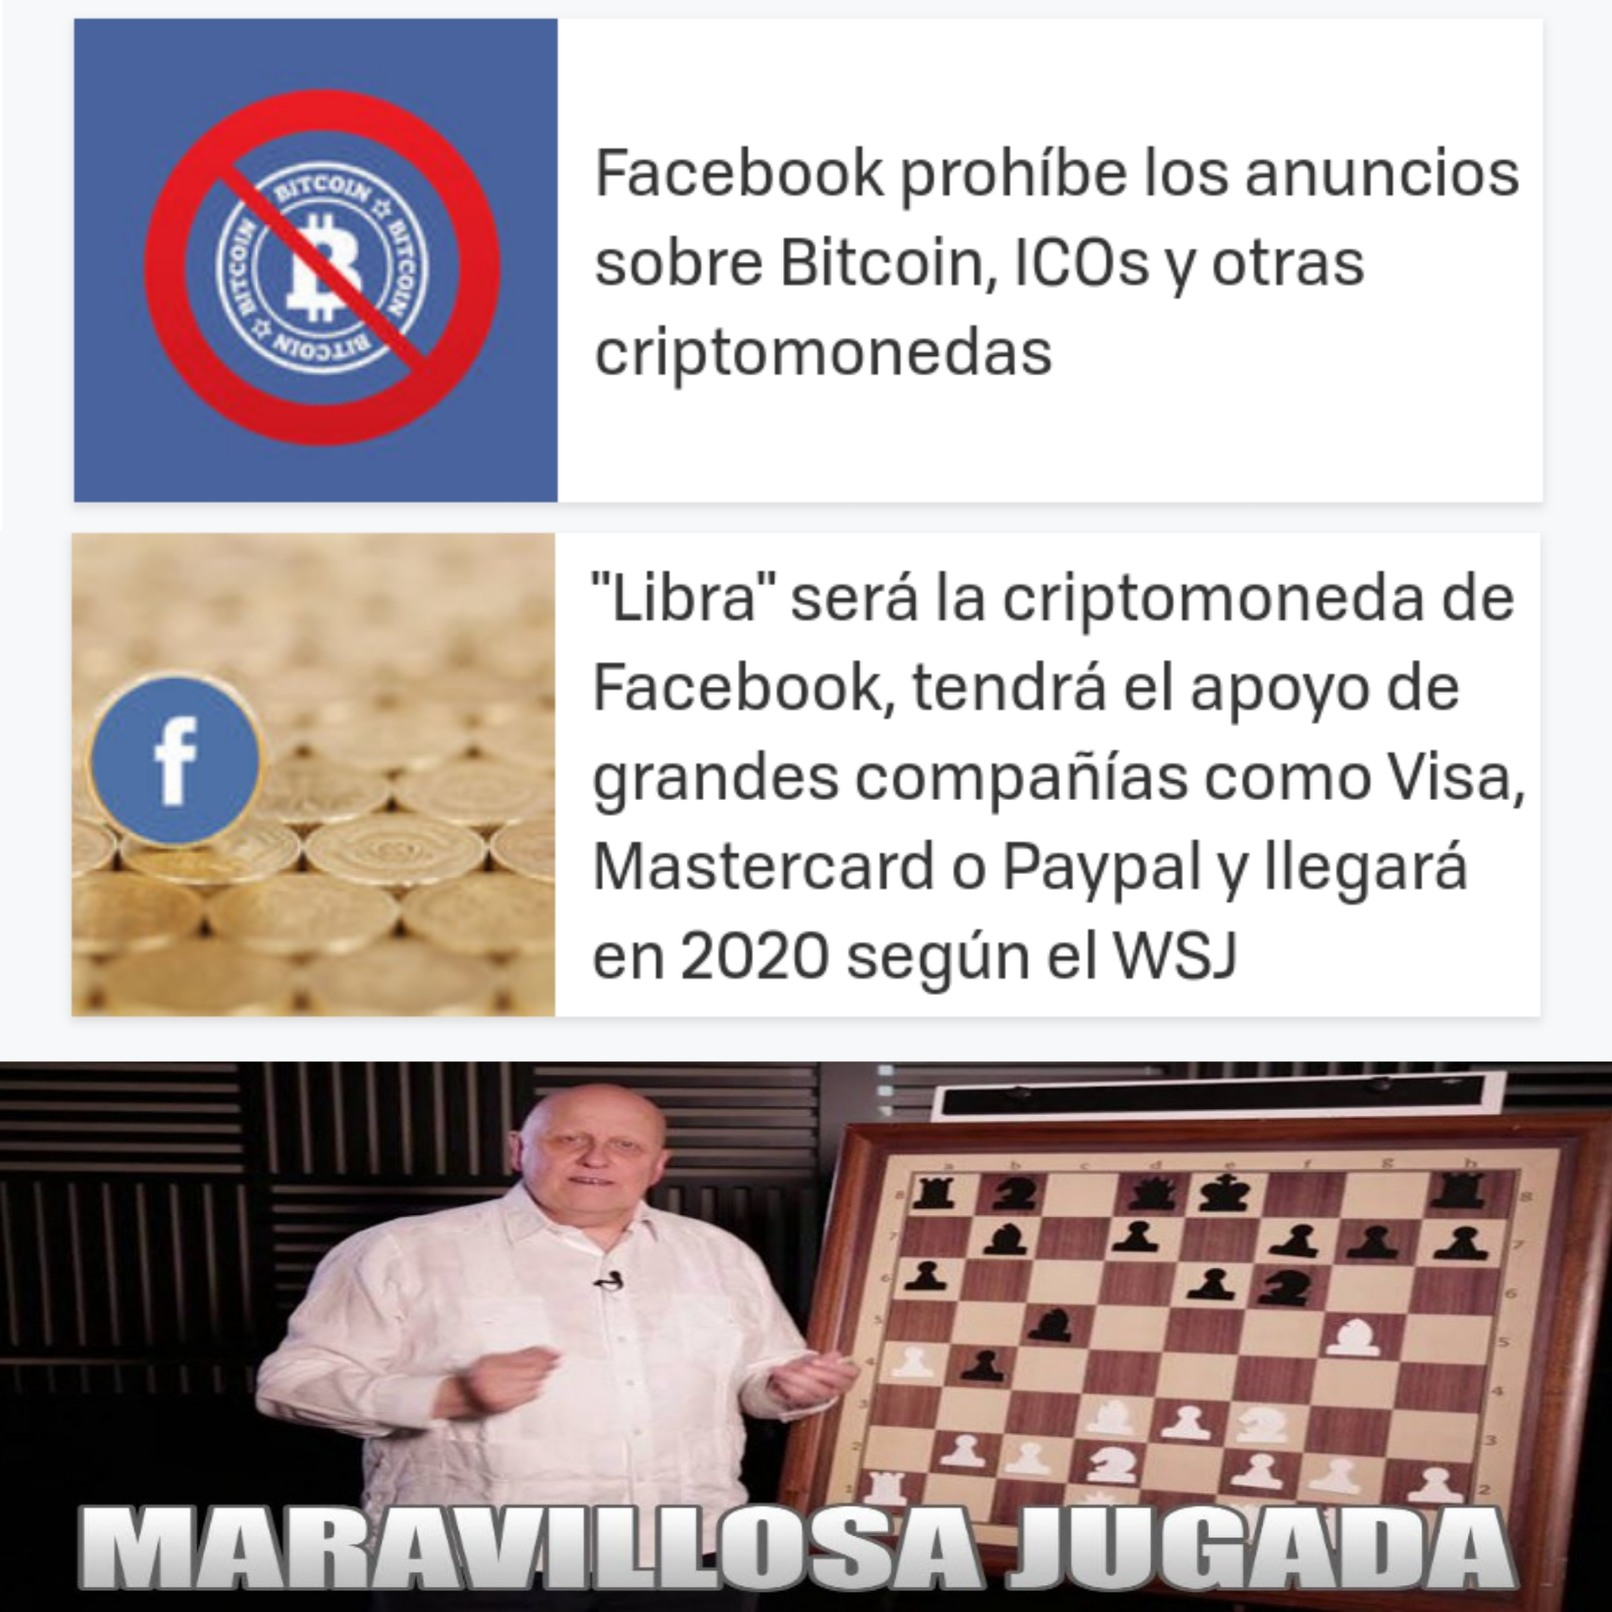 baia baia señor Facebook - meme